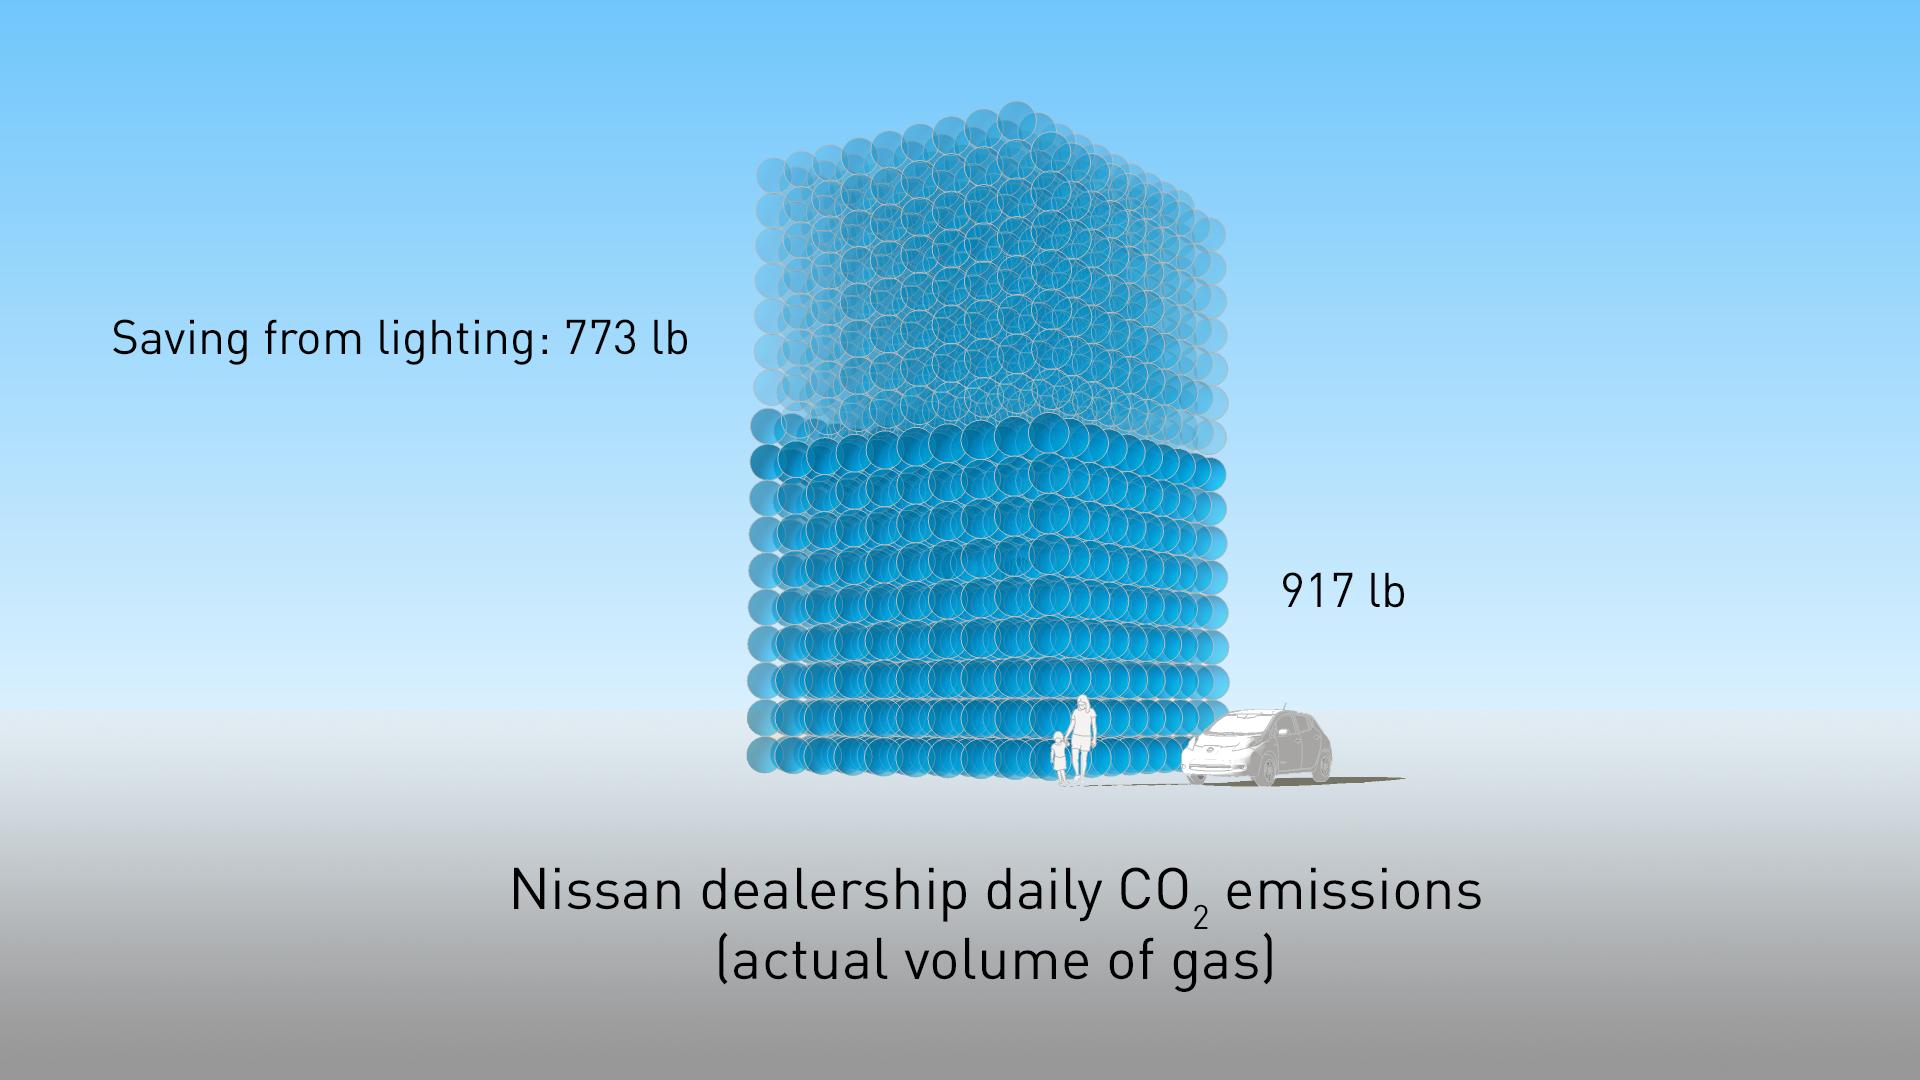 Nissan-LED-lighting-saving.png